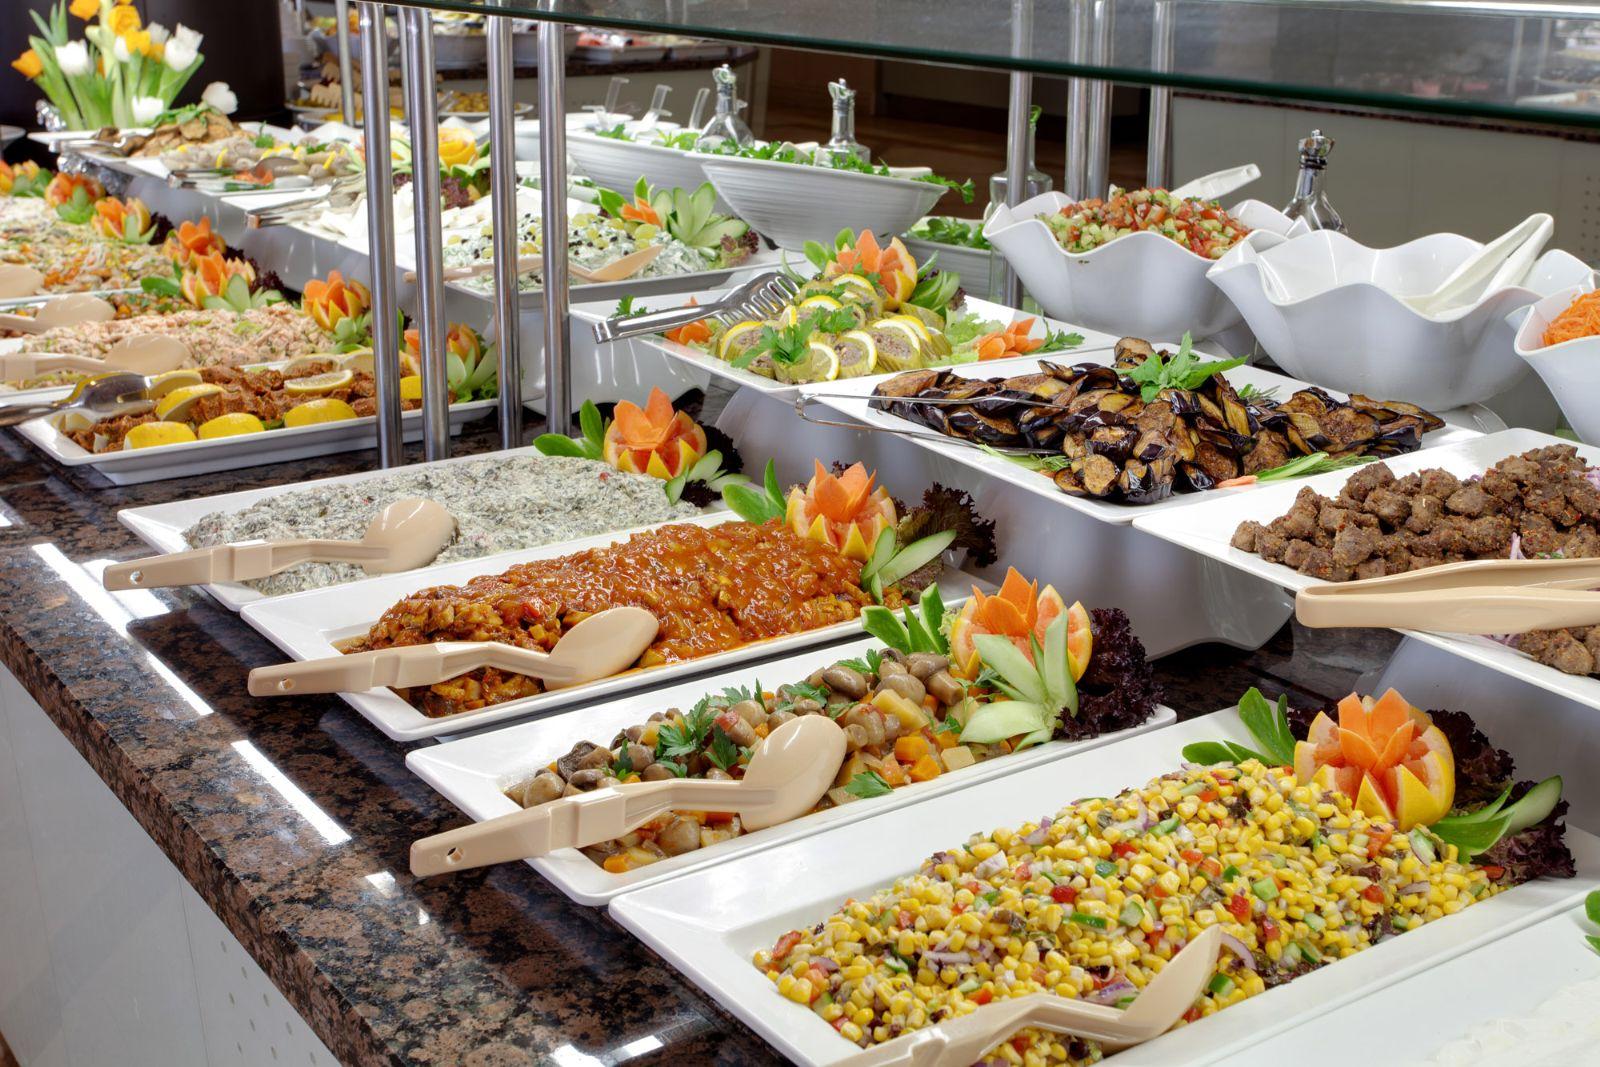 thuc-don-dai-tiec-buffet-tu-to-chuc-tai-nha-de-lam-nhat-5